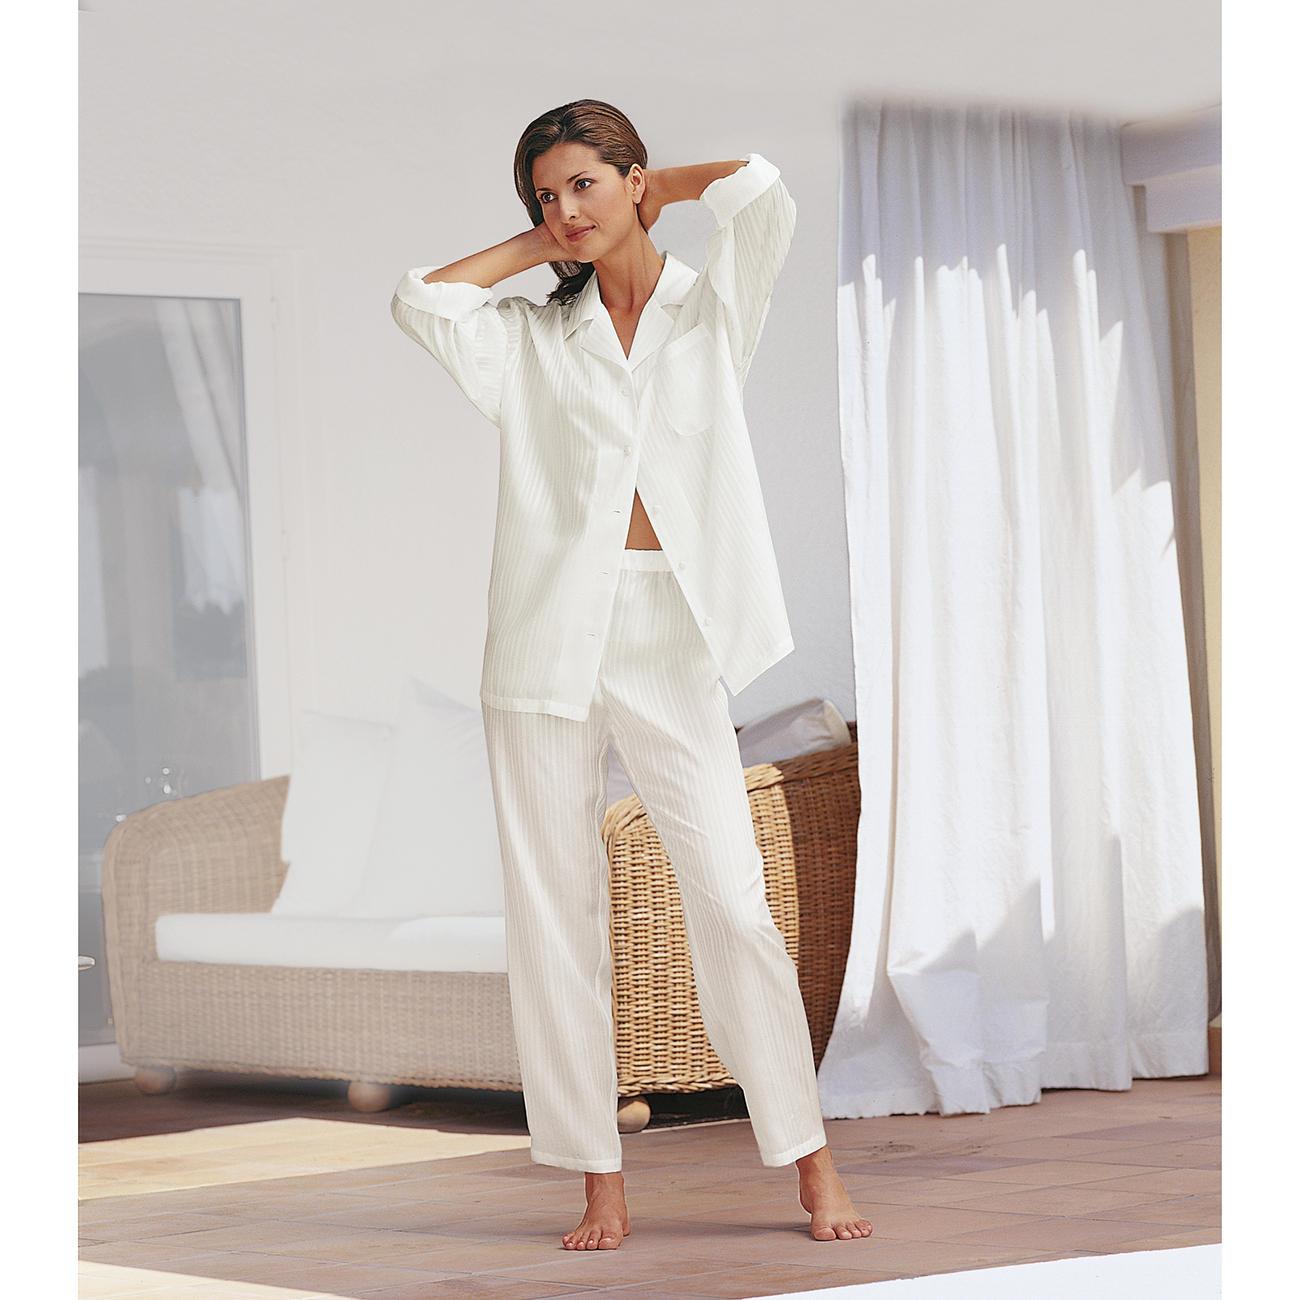 Bien-aimé Acheter Pyjama en soie avec pochette en ligne pas cher XI54